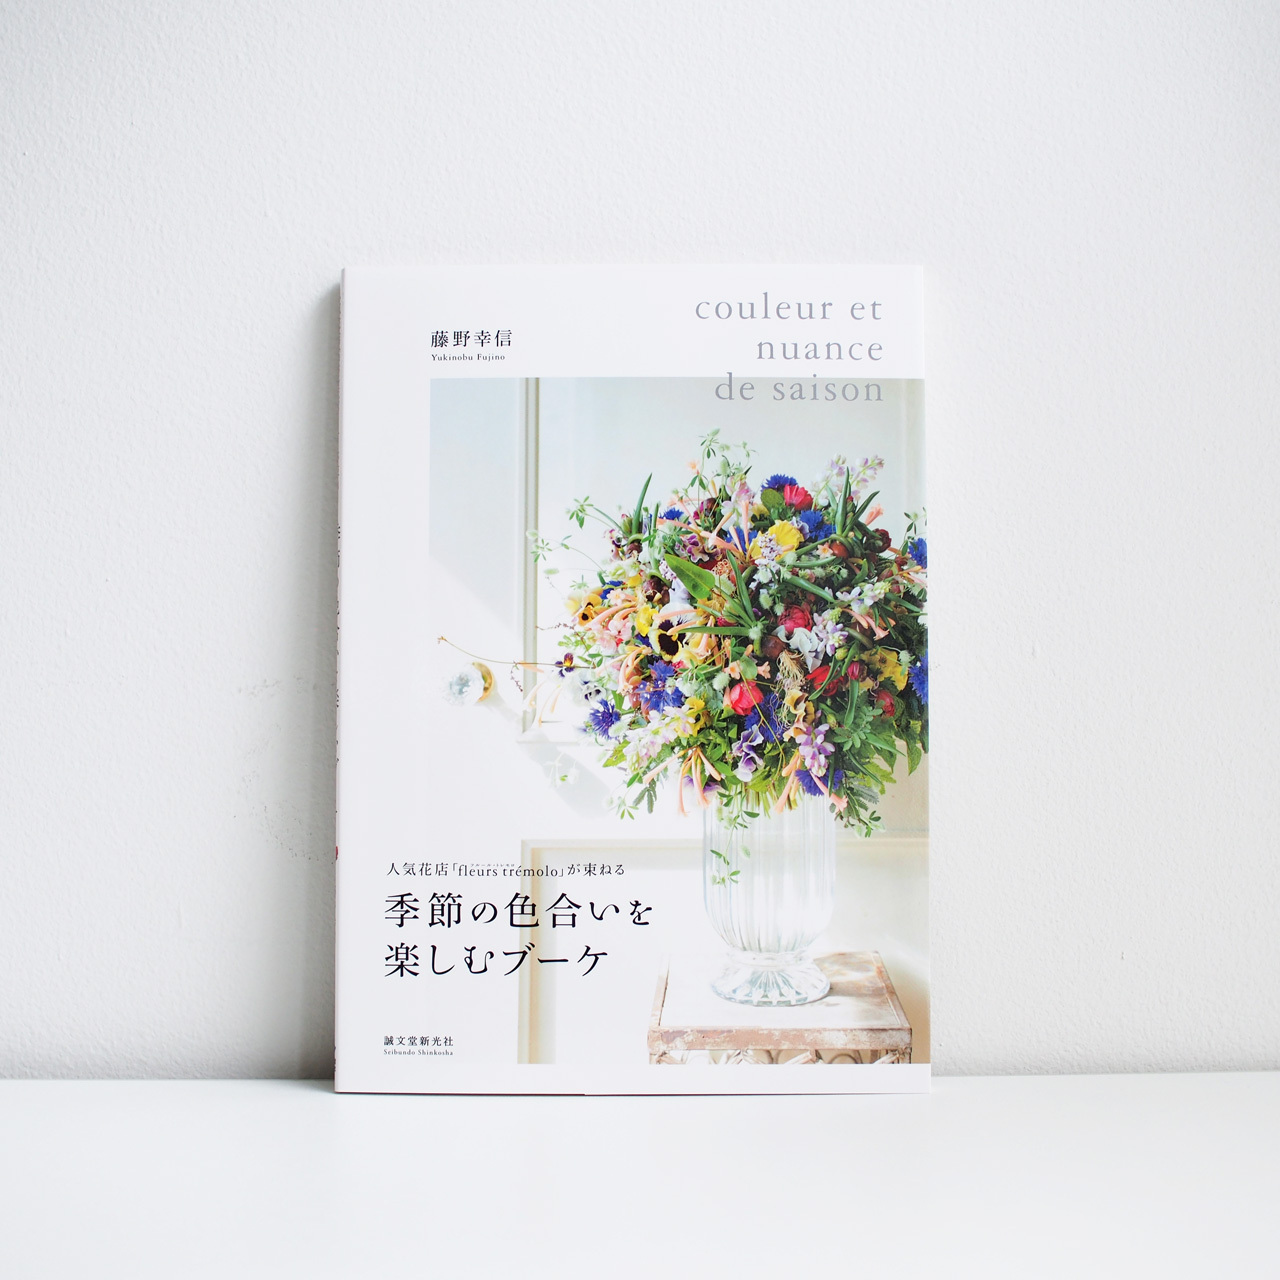 人気花店「fleurs trémolo」が束ねる 季節の色合いを楽しむブーケ